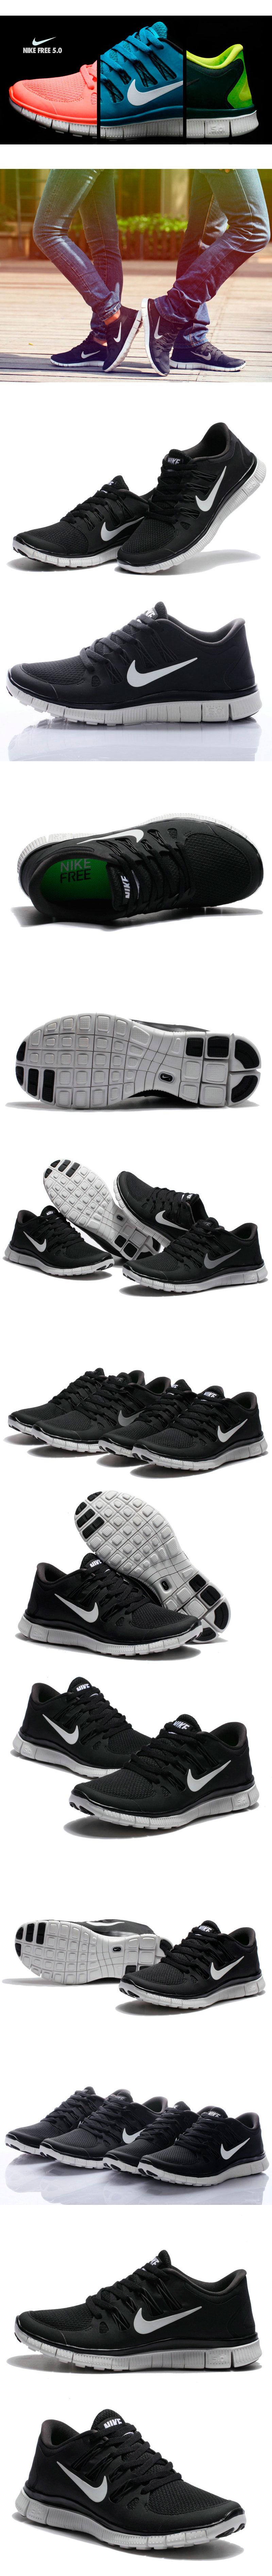 большое фото №6 Женские кроссовки для бега Nike Free 5.0+ черные